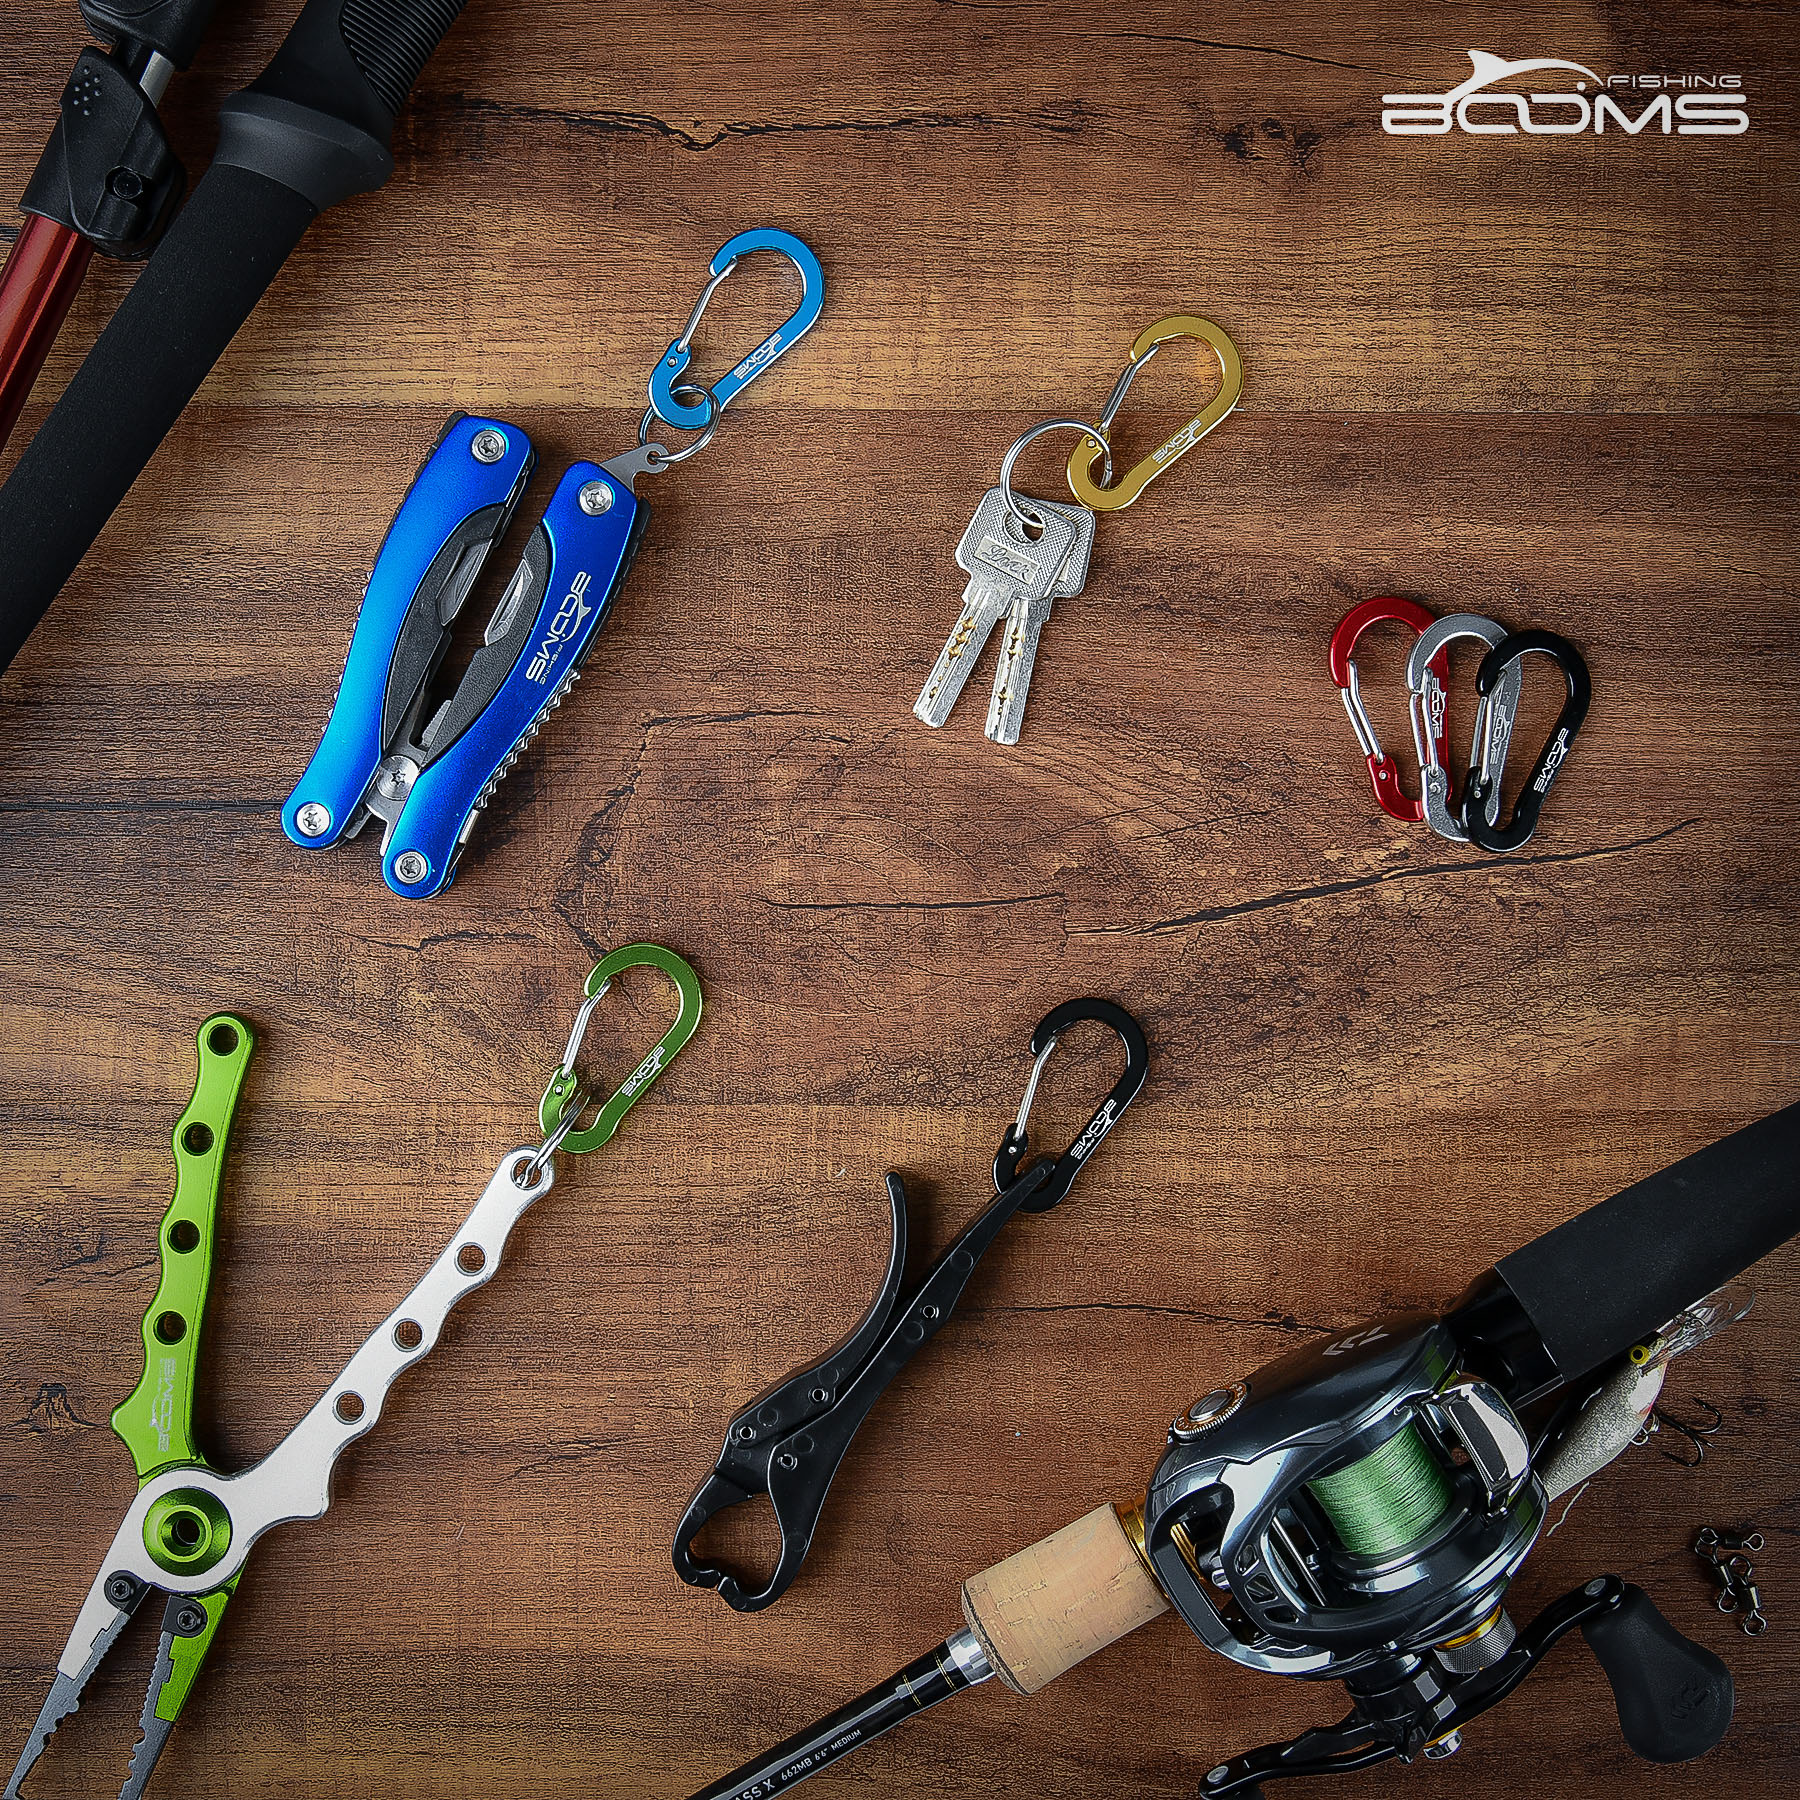 Booms Fishing CC1 petits mousquetons en acier, Camping en plein air, multi-outils, accessoires de pêche, 6 pièces 6